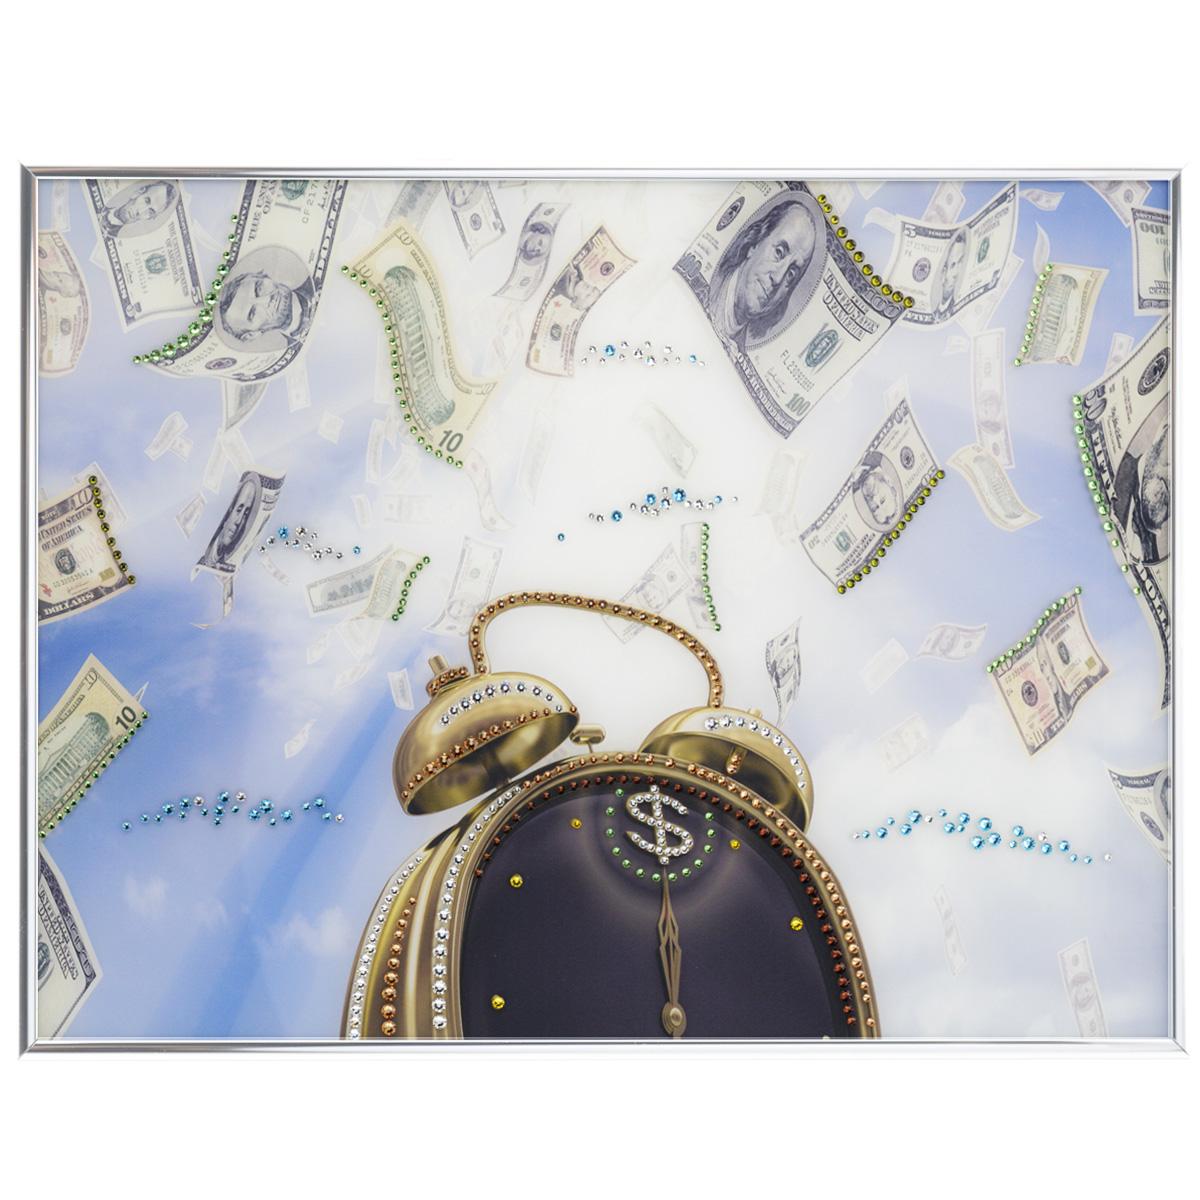 Картина с кристаллами Swarovski Время деньги, 40 х 30 смPM-3303Изящная картина в металлической раме, инкрустирована кристаллами Swarovski, которые отличаются четкой и ровной огранкой, ярким блеском и чистотой цвета. Красочное изображение будильника и денег, расположенное под стеклом, прекрасно дополняет блеск кристаллов. С обратной стороны имеется металлическая петелька для размещения картины на стене. Картина с кристаллами Swarovski Время деньги элегантно украсит интерьер дома или офиса, а также станет прекрасным подарком, который обязательно понравится получателю. Блеск кристаллов в интерьере, что может быть сказочнее и удивительнее. Картина упакована в подарочную картонную коробку синего цвета и комплектуется сертификатом соответствия Swarovski.